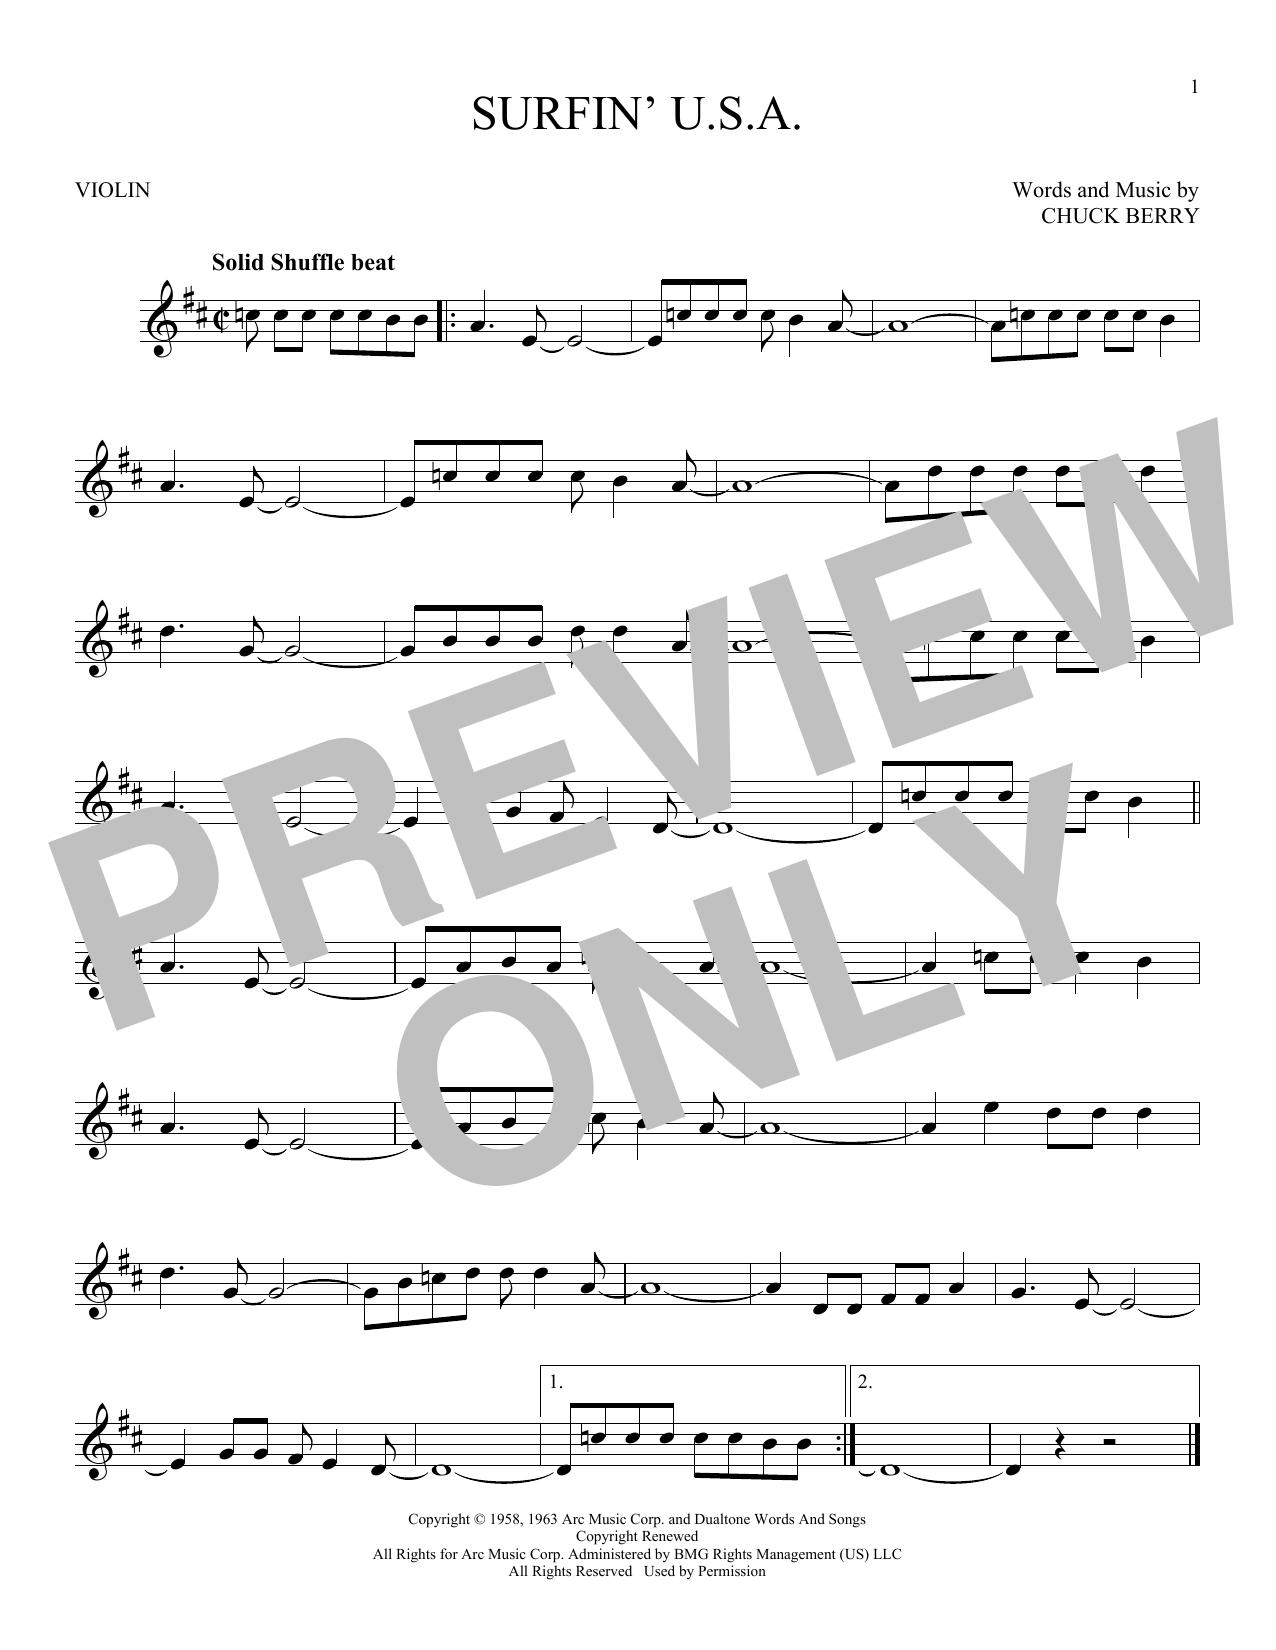 Surfin' U.S.A. (Violin Solo)